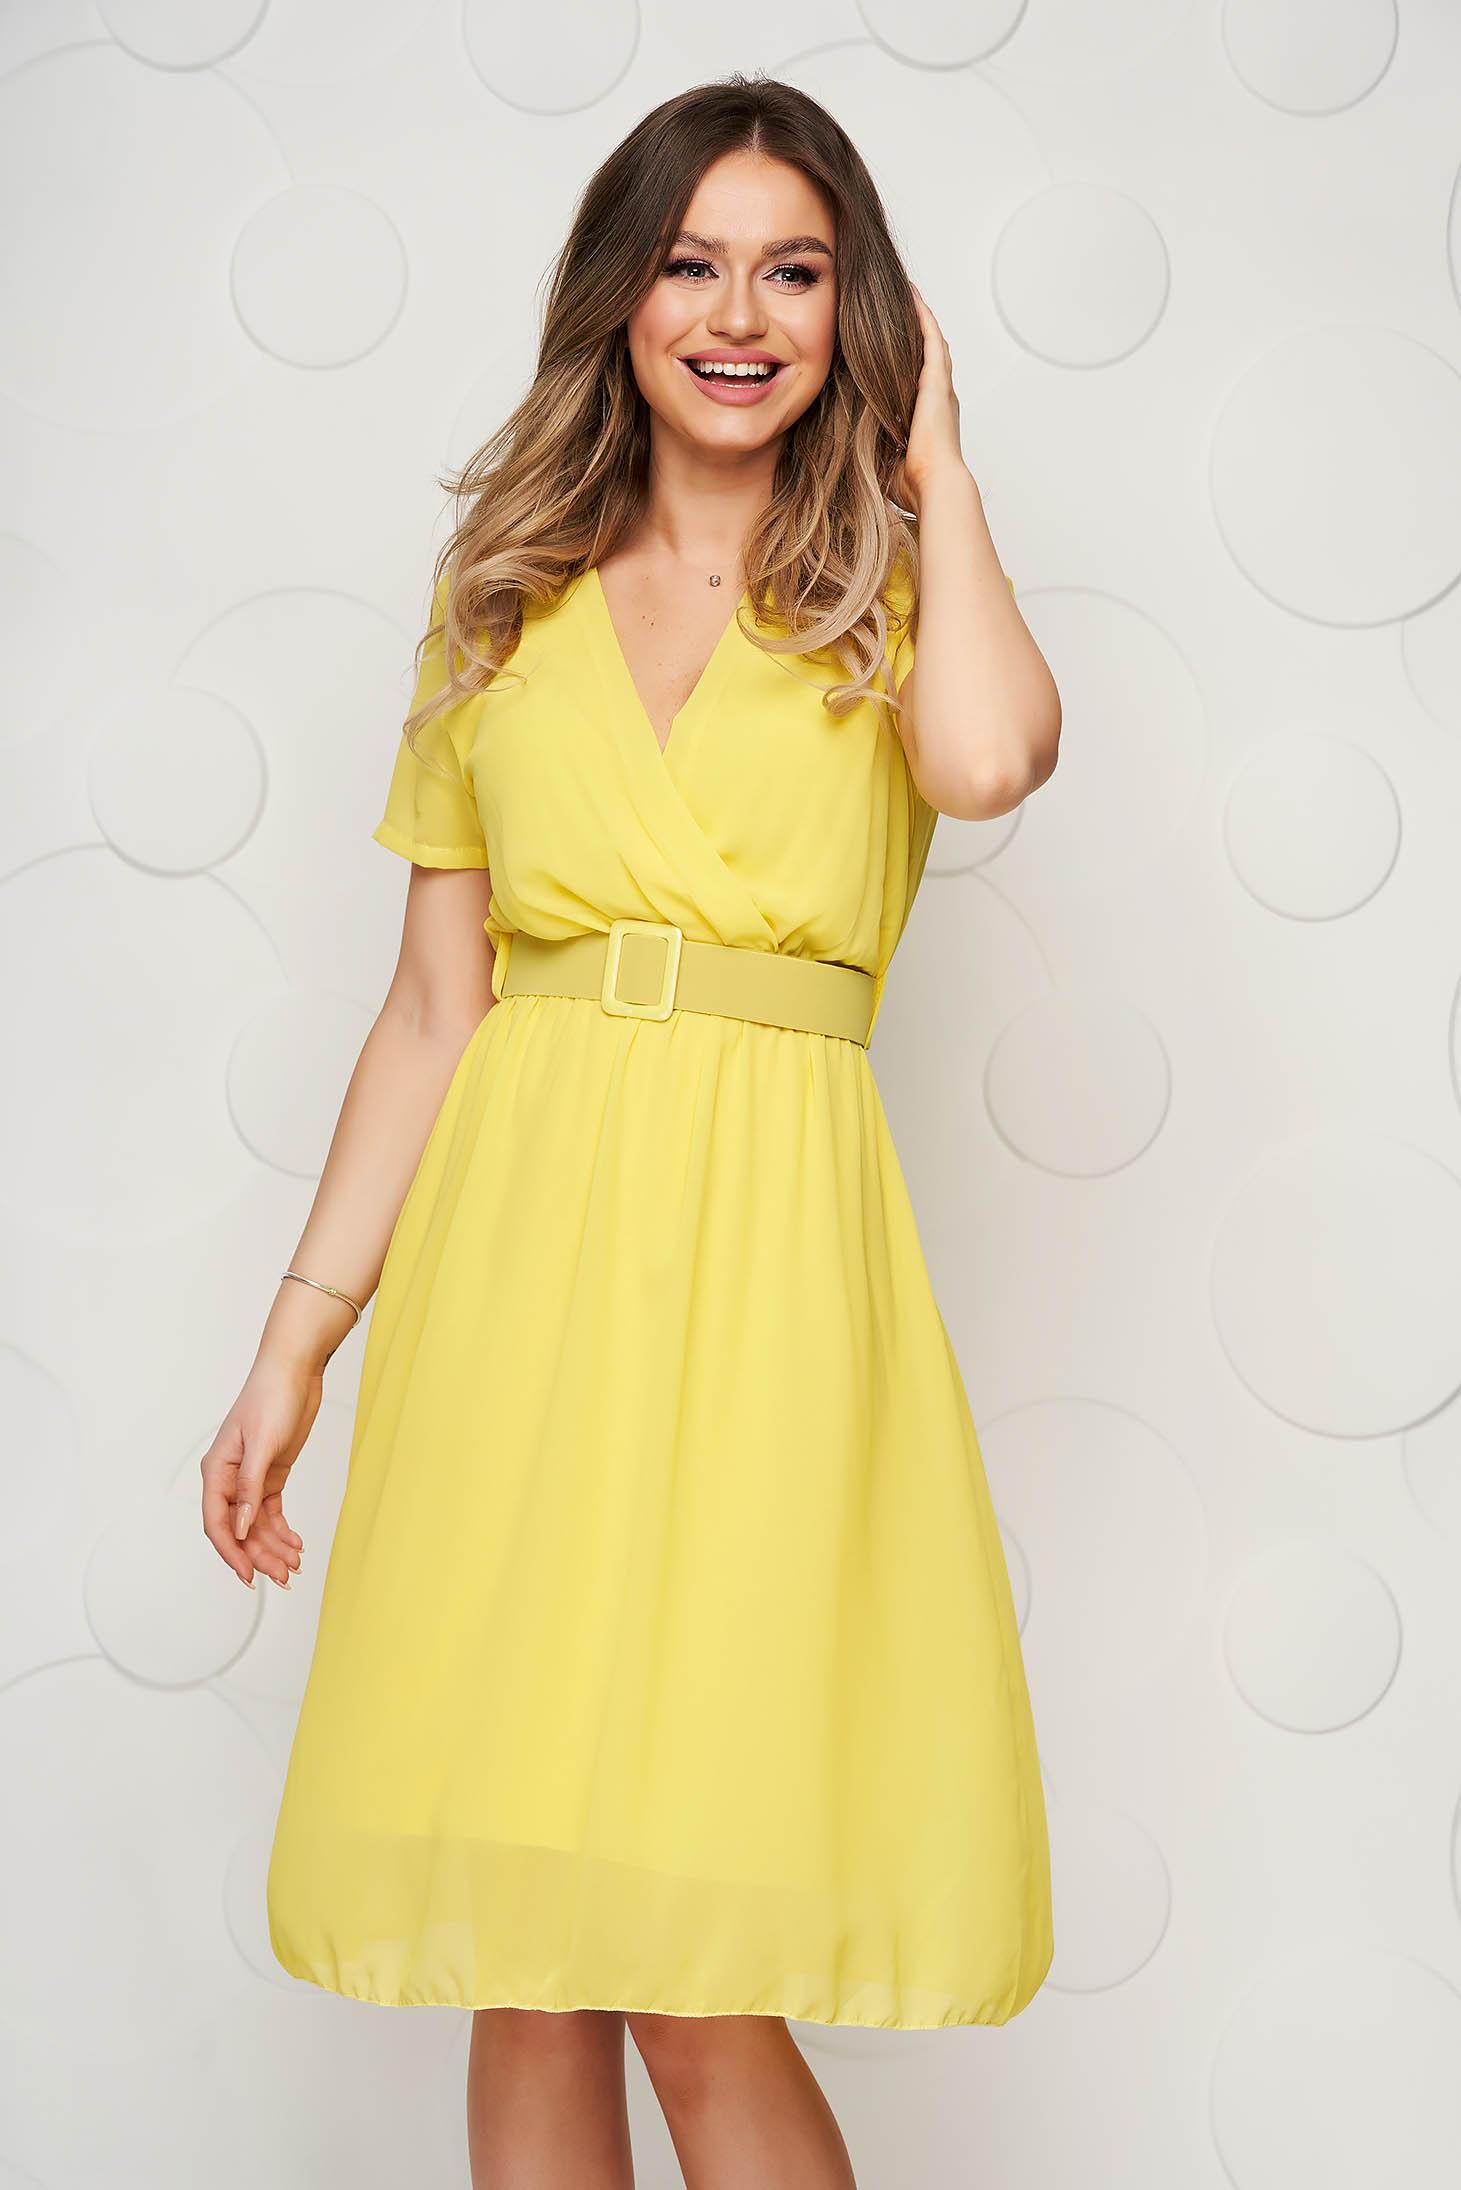 Sárga midi StarShinerS harang alakú ruha gumirozott derékrésszel muszlinból